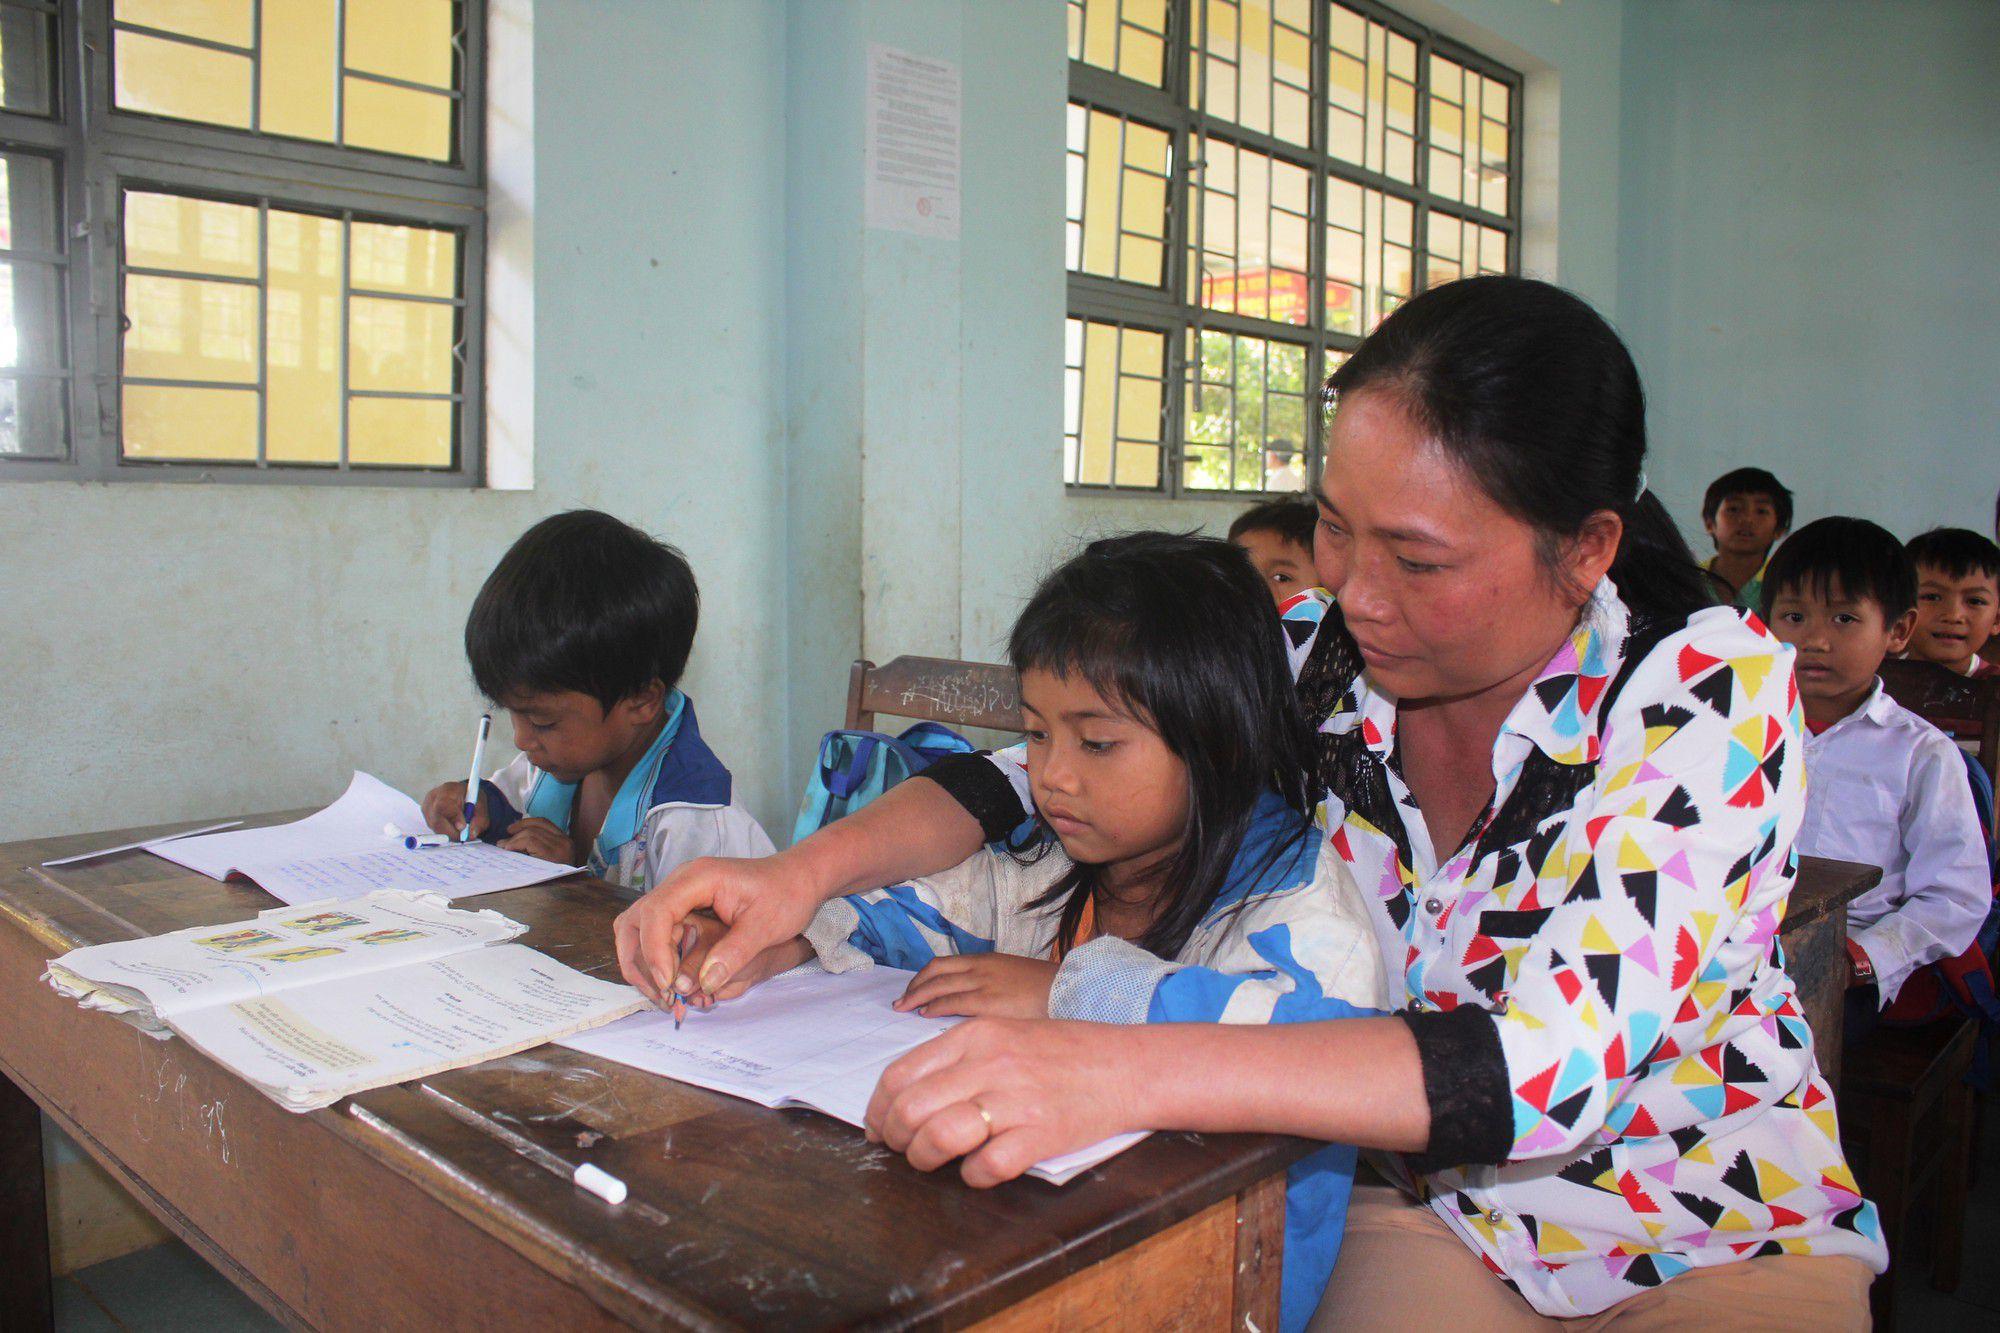 Tình nguyện lên vùng cao dạy học được miễn thi tuyển viên chức không?